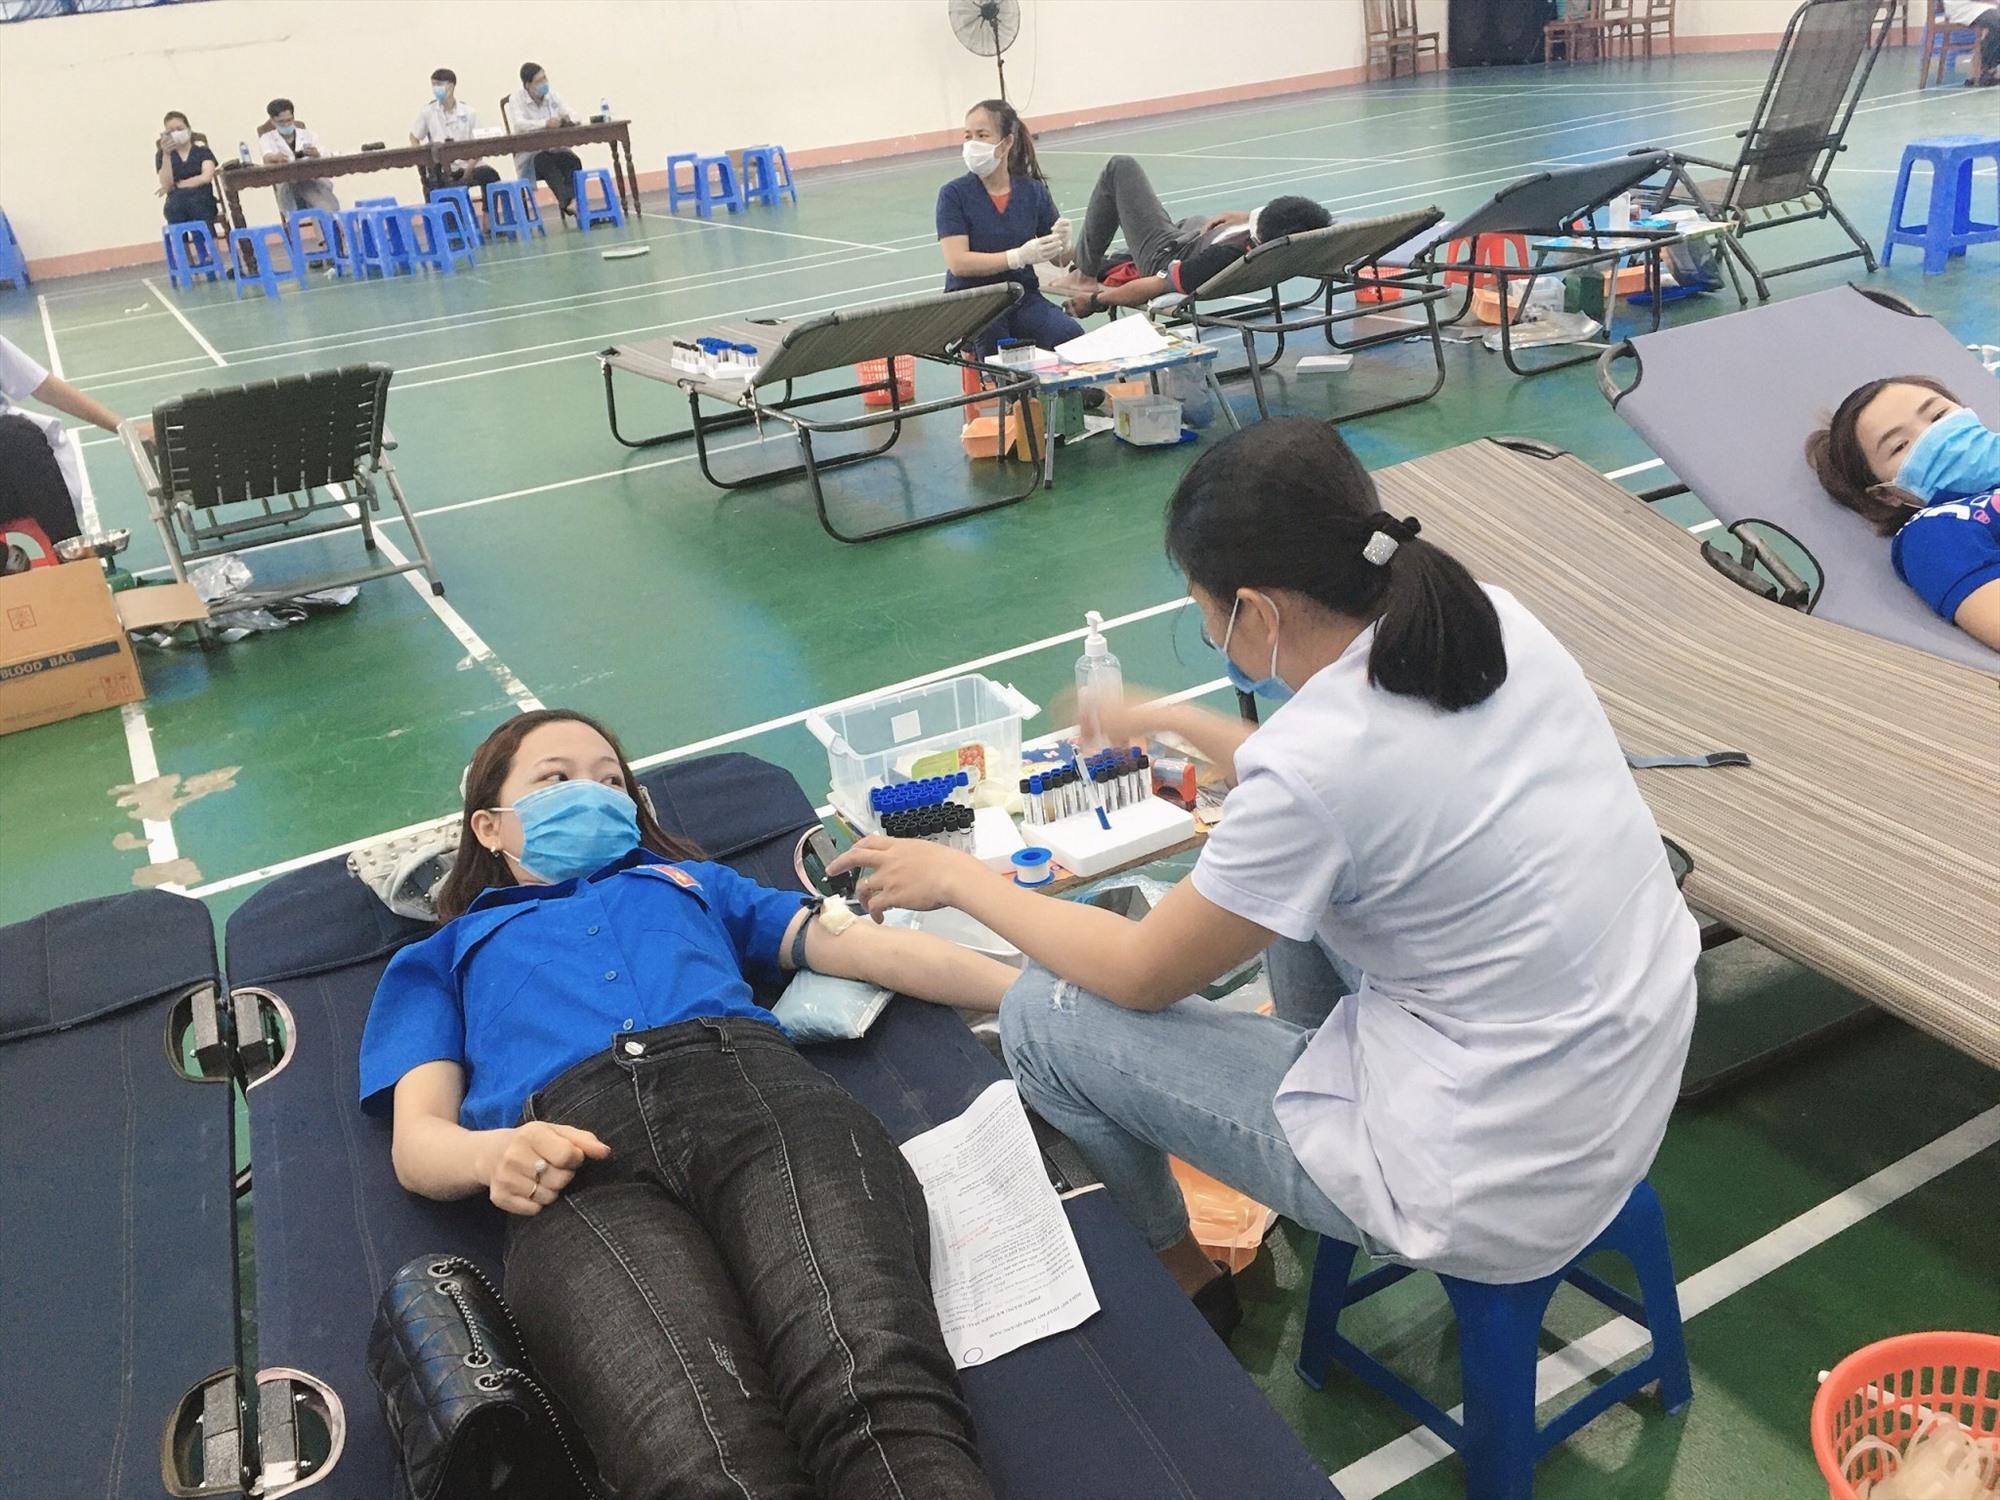 Đoàn viên thanh niên hiến máu trong Lễ hội xuân hồng năm 2021. Ảnh: T.T